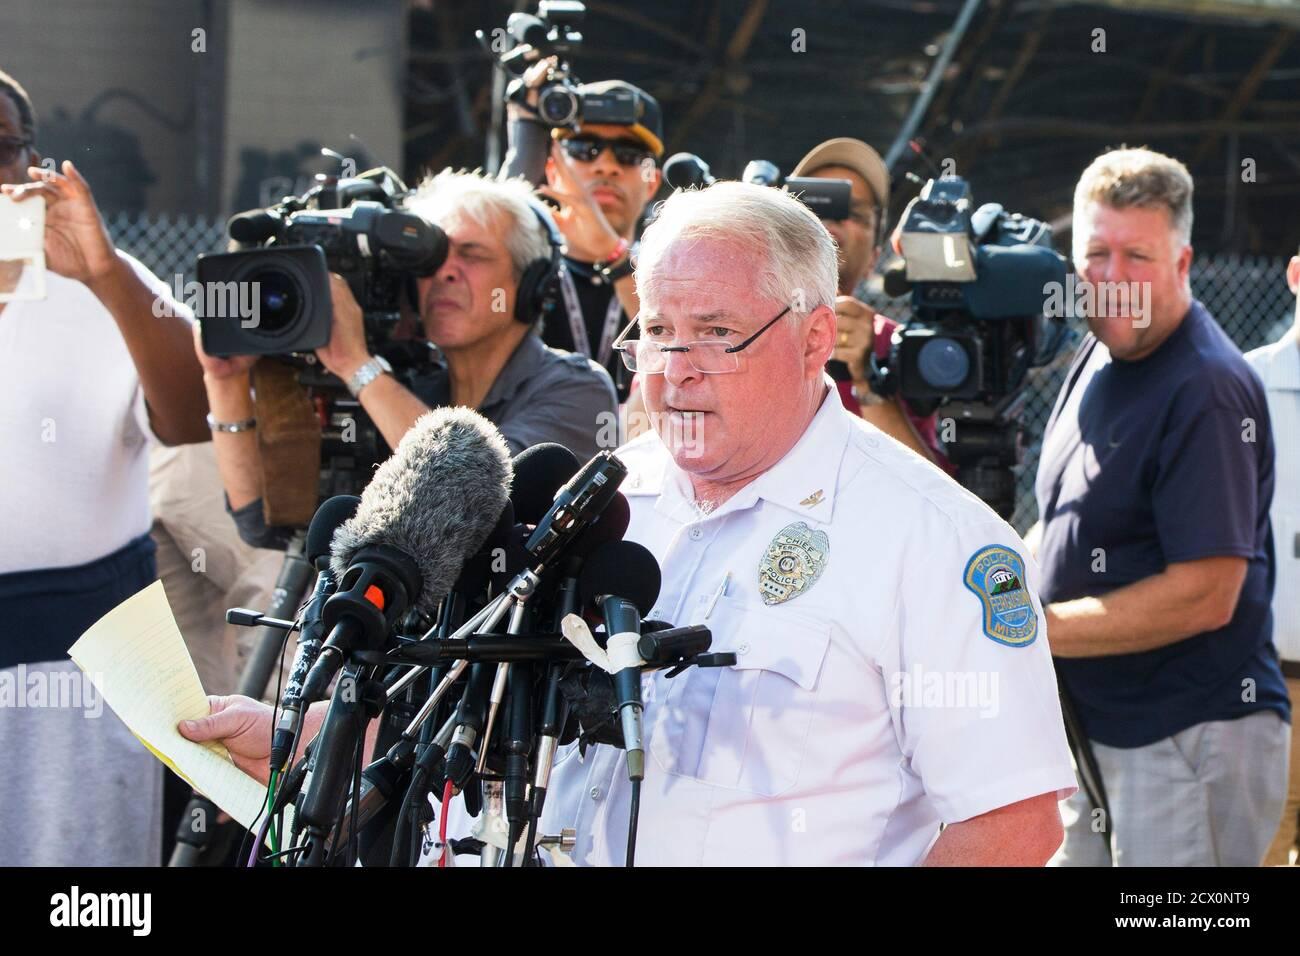 Ferguson Police Chief Thomas Jackson gibt den Namen des Offiziers bekannt, der an der Erschießung von Michael Brown als Offizier Darren Wilson in Ferguson, Missouri, am 15. August 2014 beteiligt war. Das Briefing fand in der Nähe eines QuikTrip-Lebensmittelladens statt, der während der Proteste gegen die Erschießung von Brown, 18, am vergangenen Samstag verbrannt worden war. REUTERS/Lucas Jackson (VEREINIGTE STAATEN - Tags: BÜRGERUNRUHEN STRAFTAT) Stockfoto